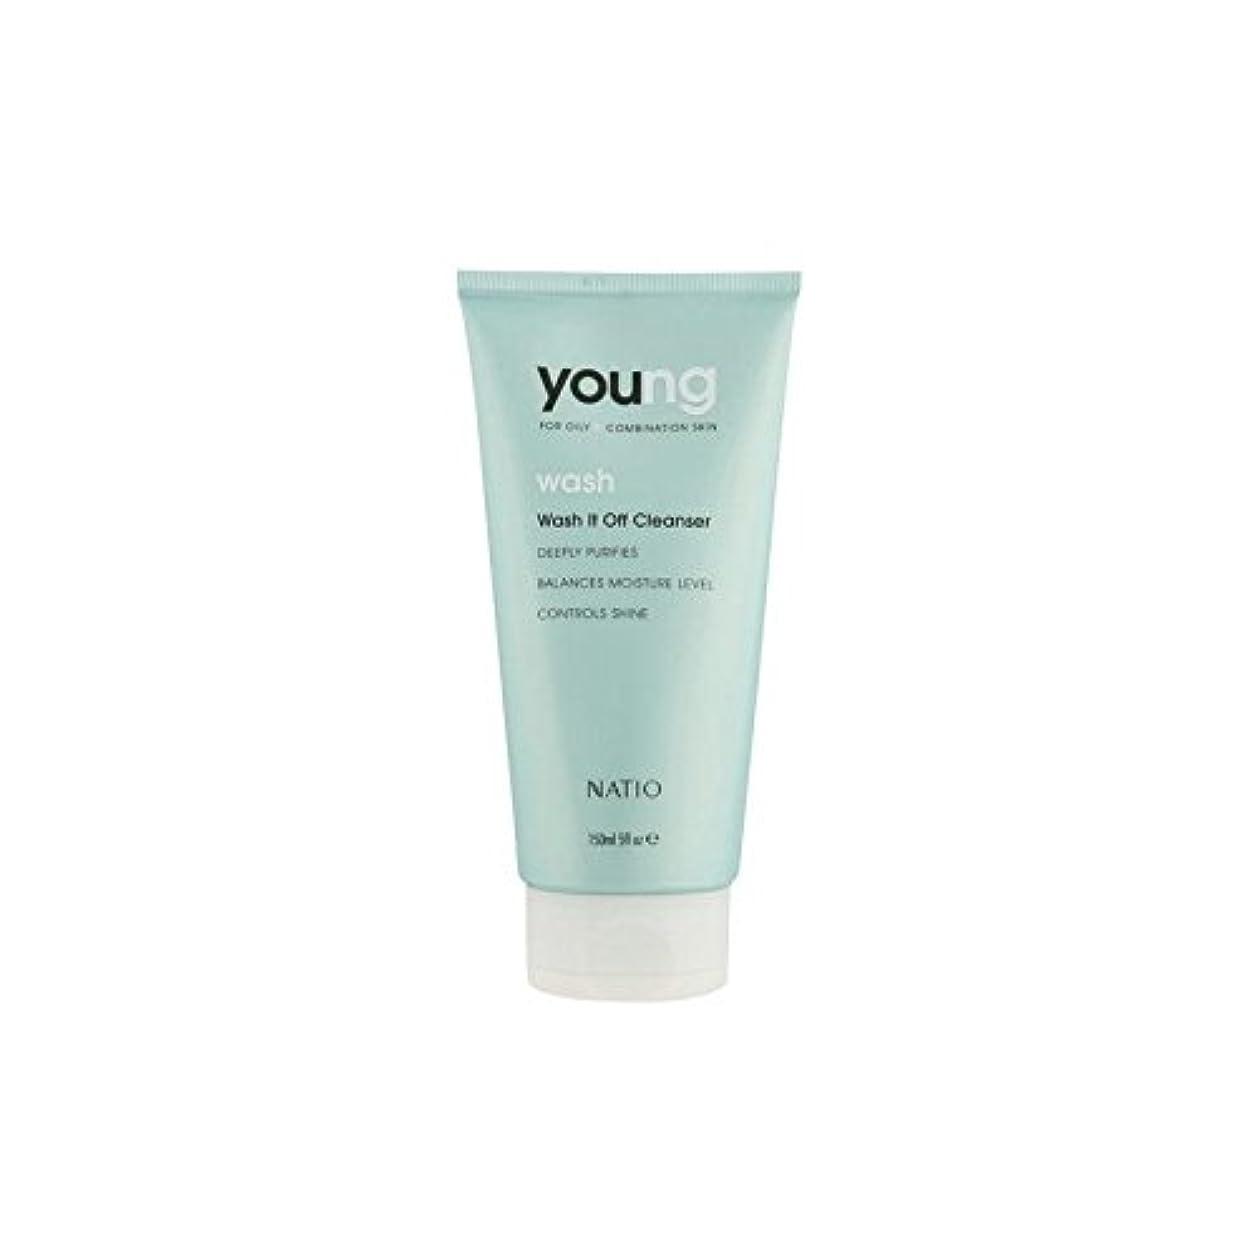 スワップ継承出身地Natio Young Wash It Off Cleanser (150ml) - 若いウォッシュそれオフクレンザー(150ミリリットル) [並行輸入品]